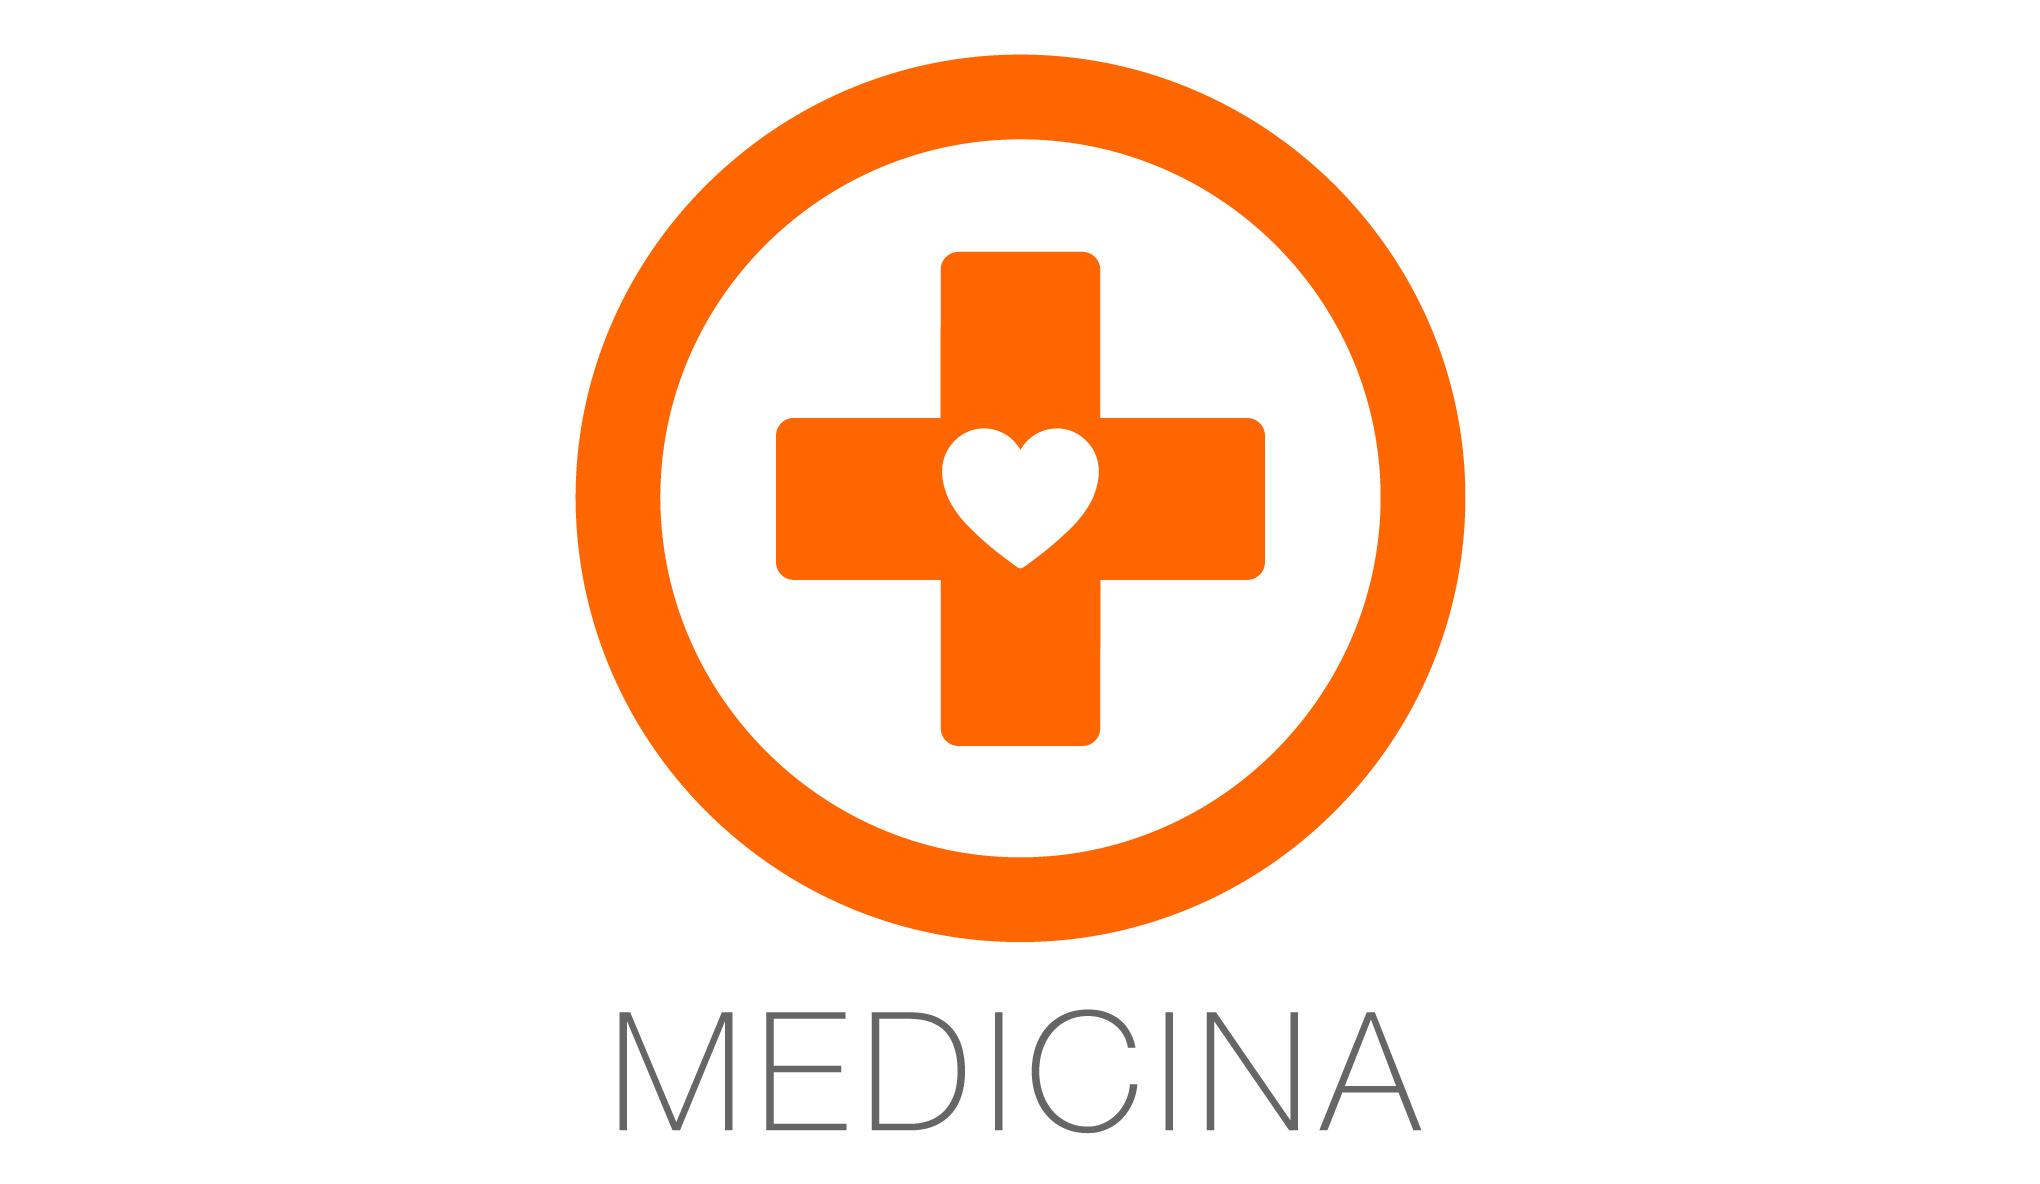 https://0201.nccdn.net/4_2/000/000/01e/20c/medicina-2040x1184.jpg